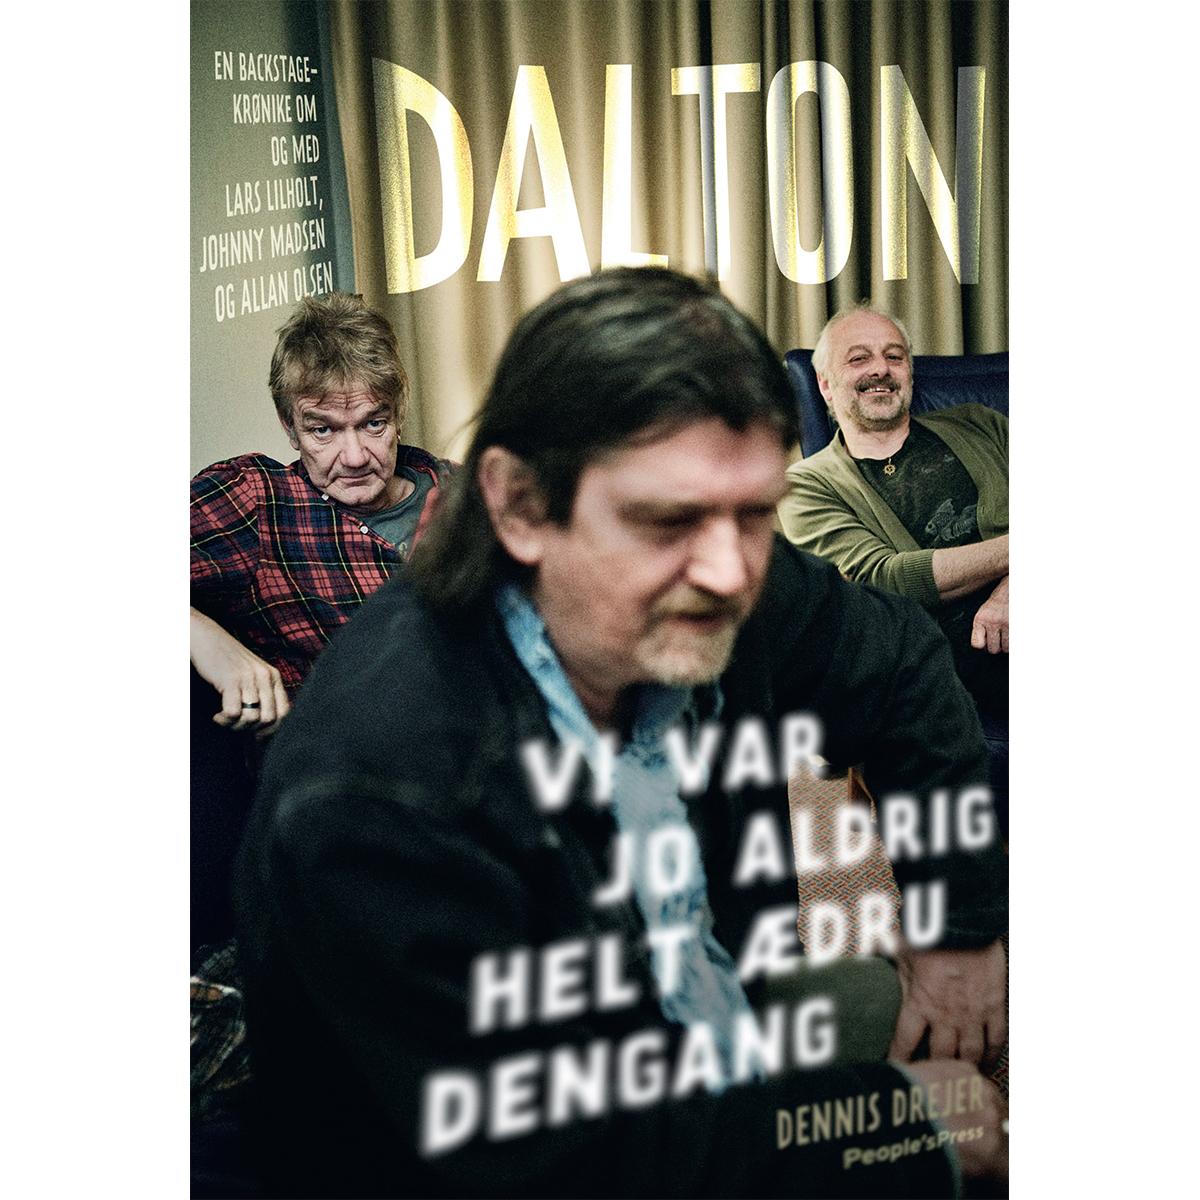 Dalton - Lars Lilholt, Johnny Madsen og Allan Olsen - Indbundet